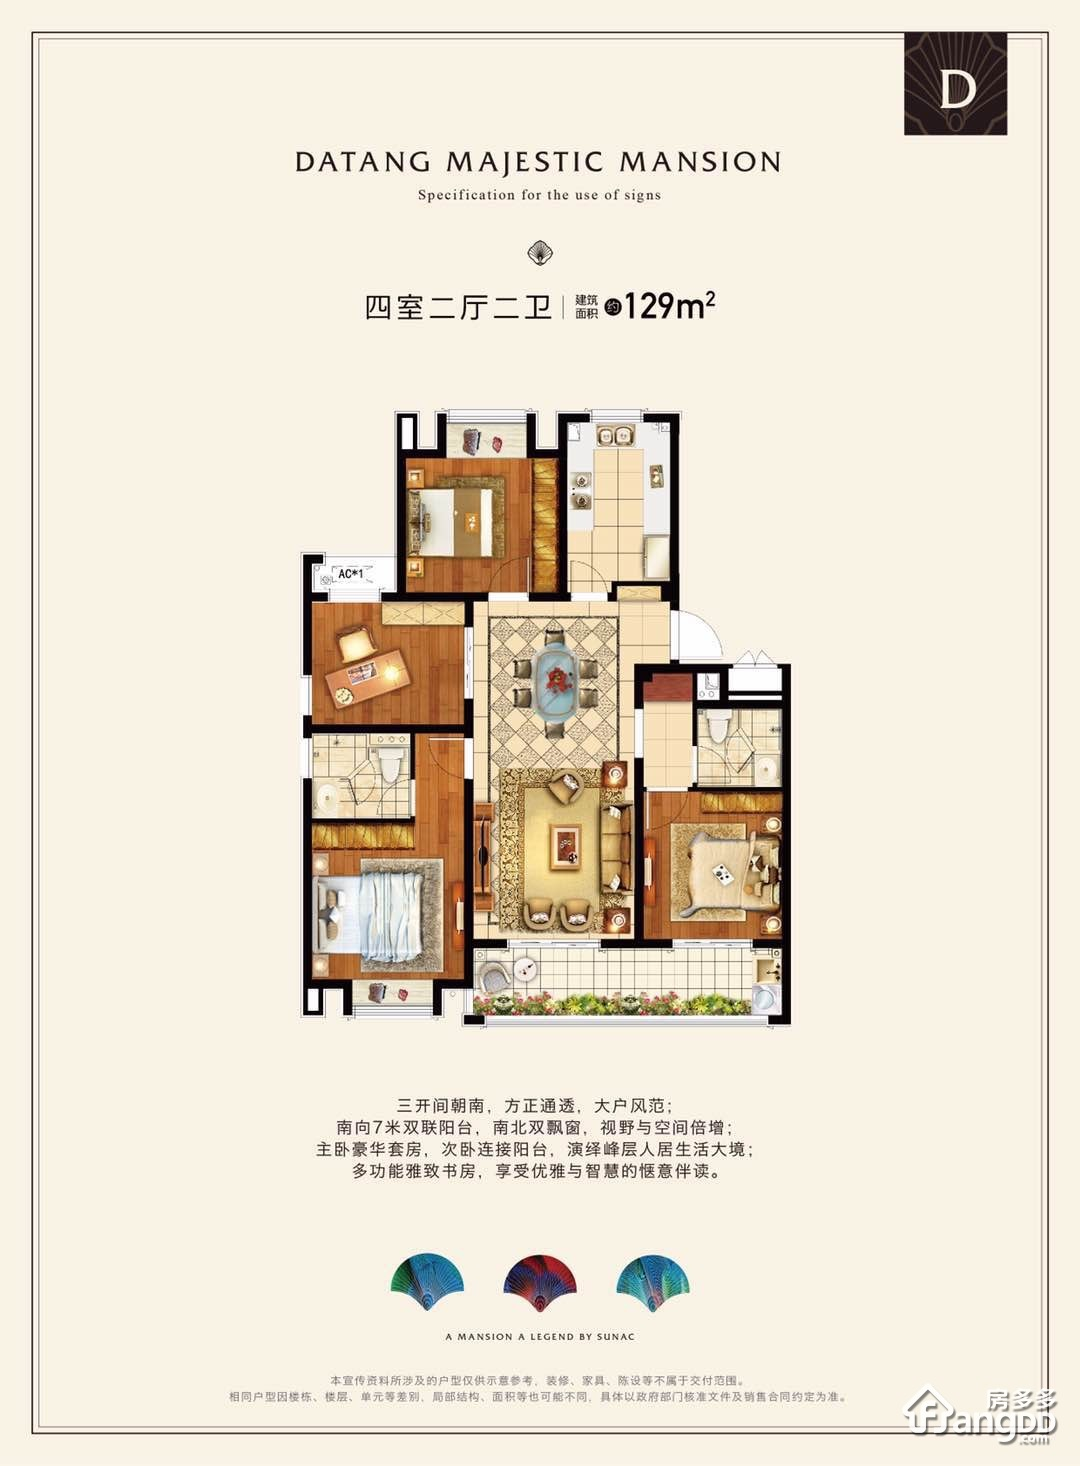 融创大塘御园4室2厅2卫户型图